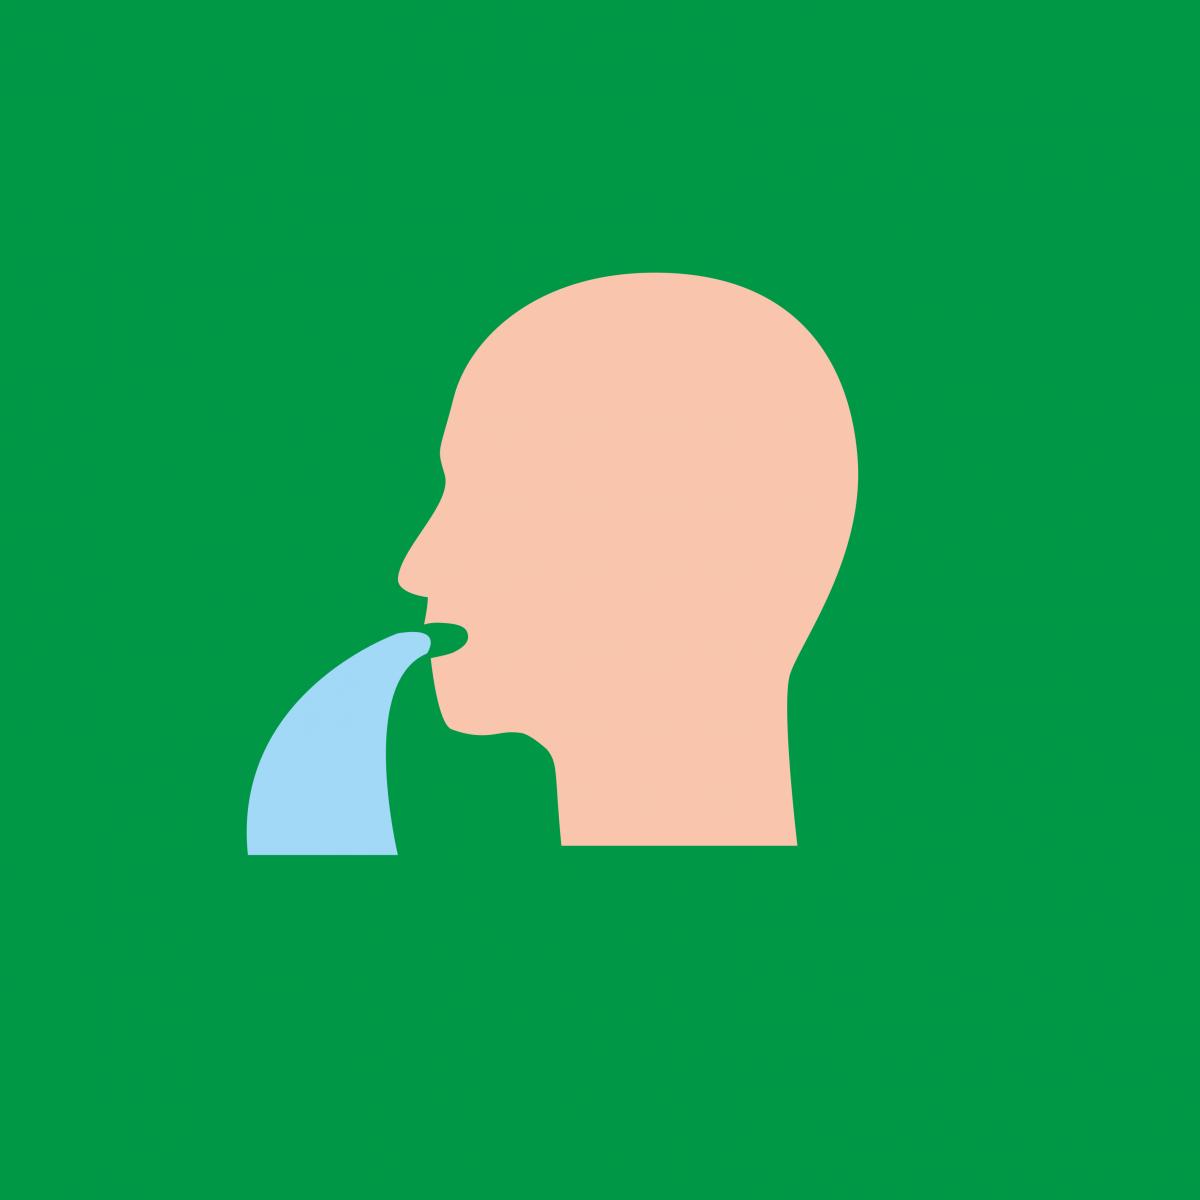 аллергия при пищевом отравлении